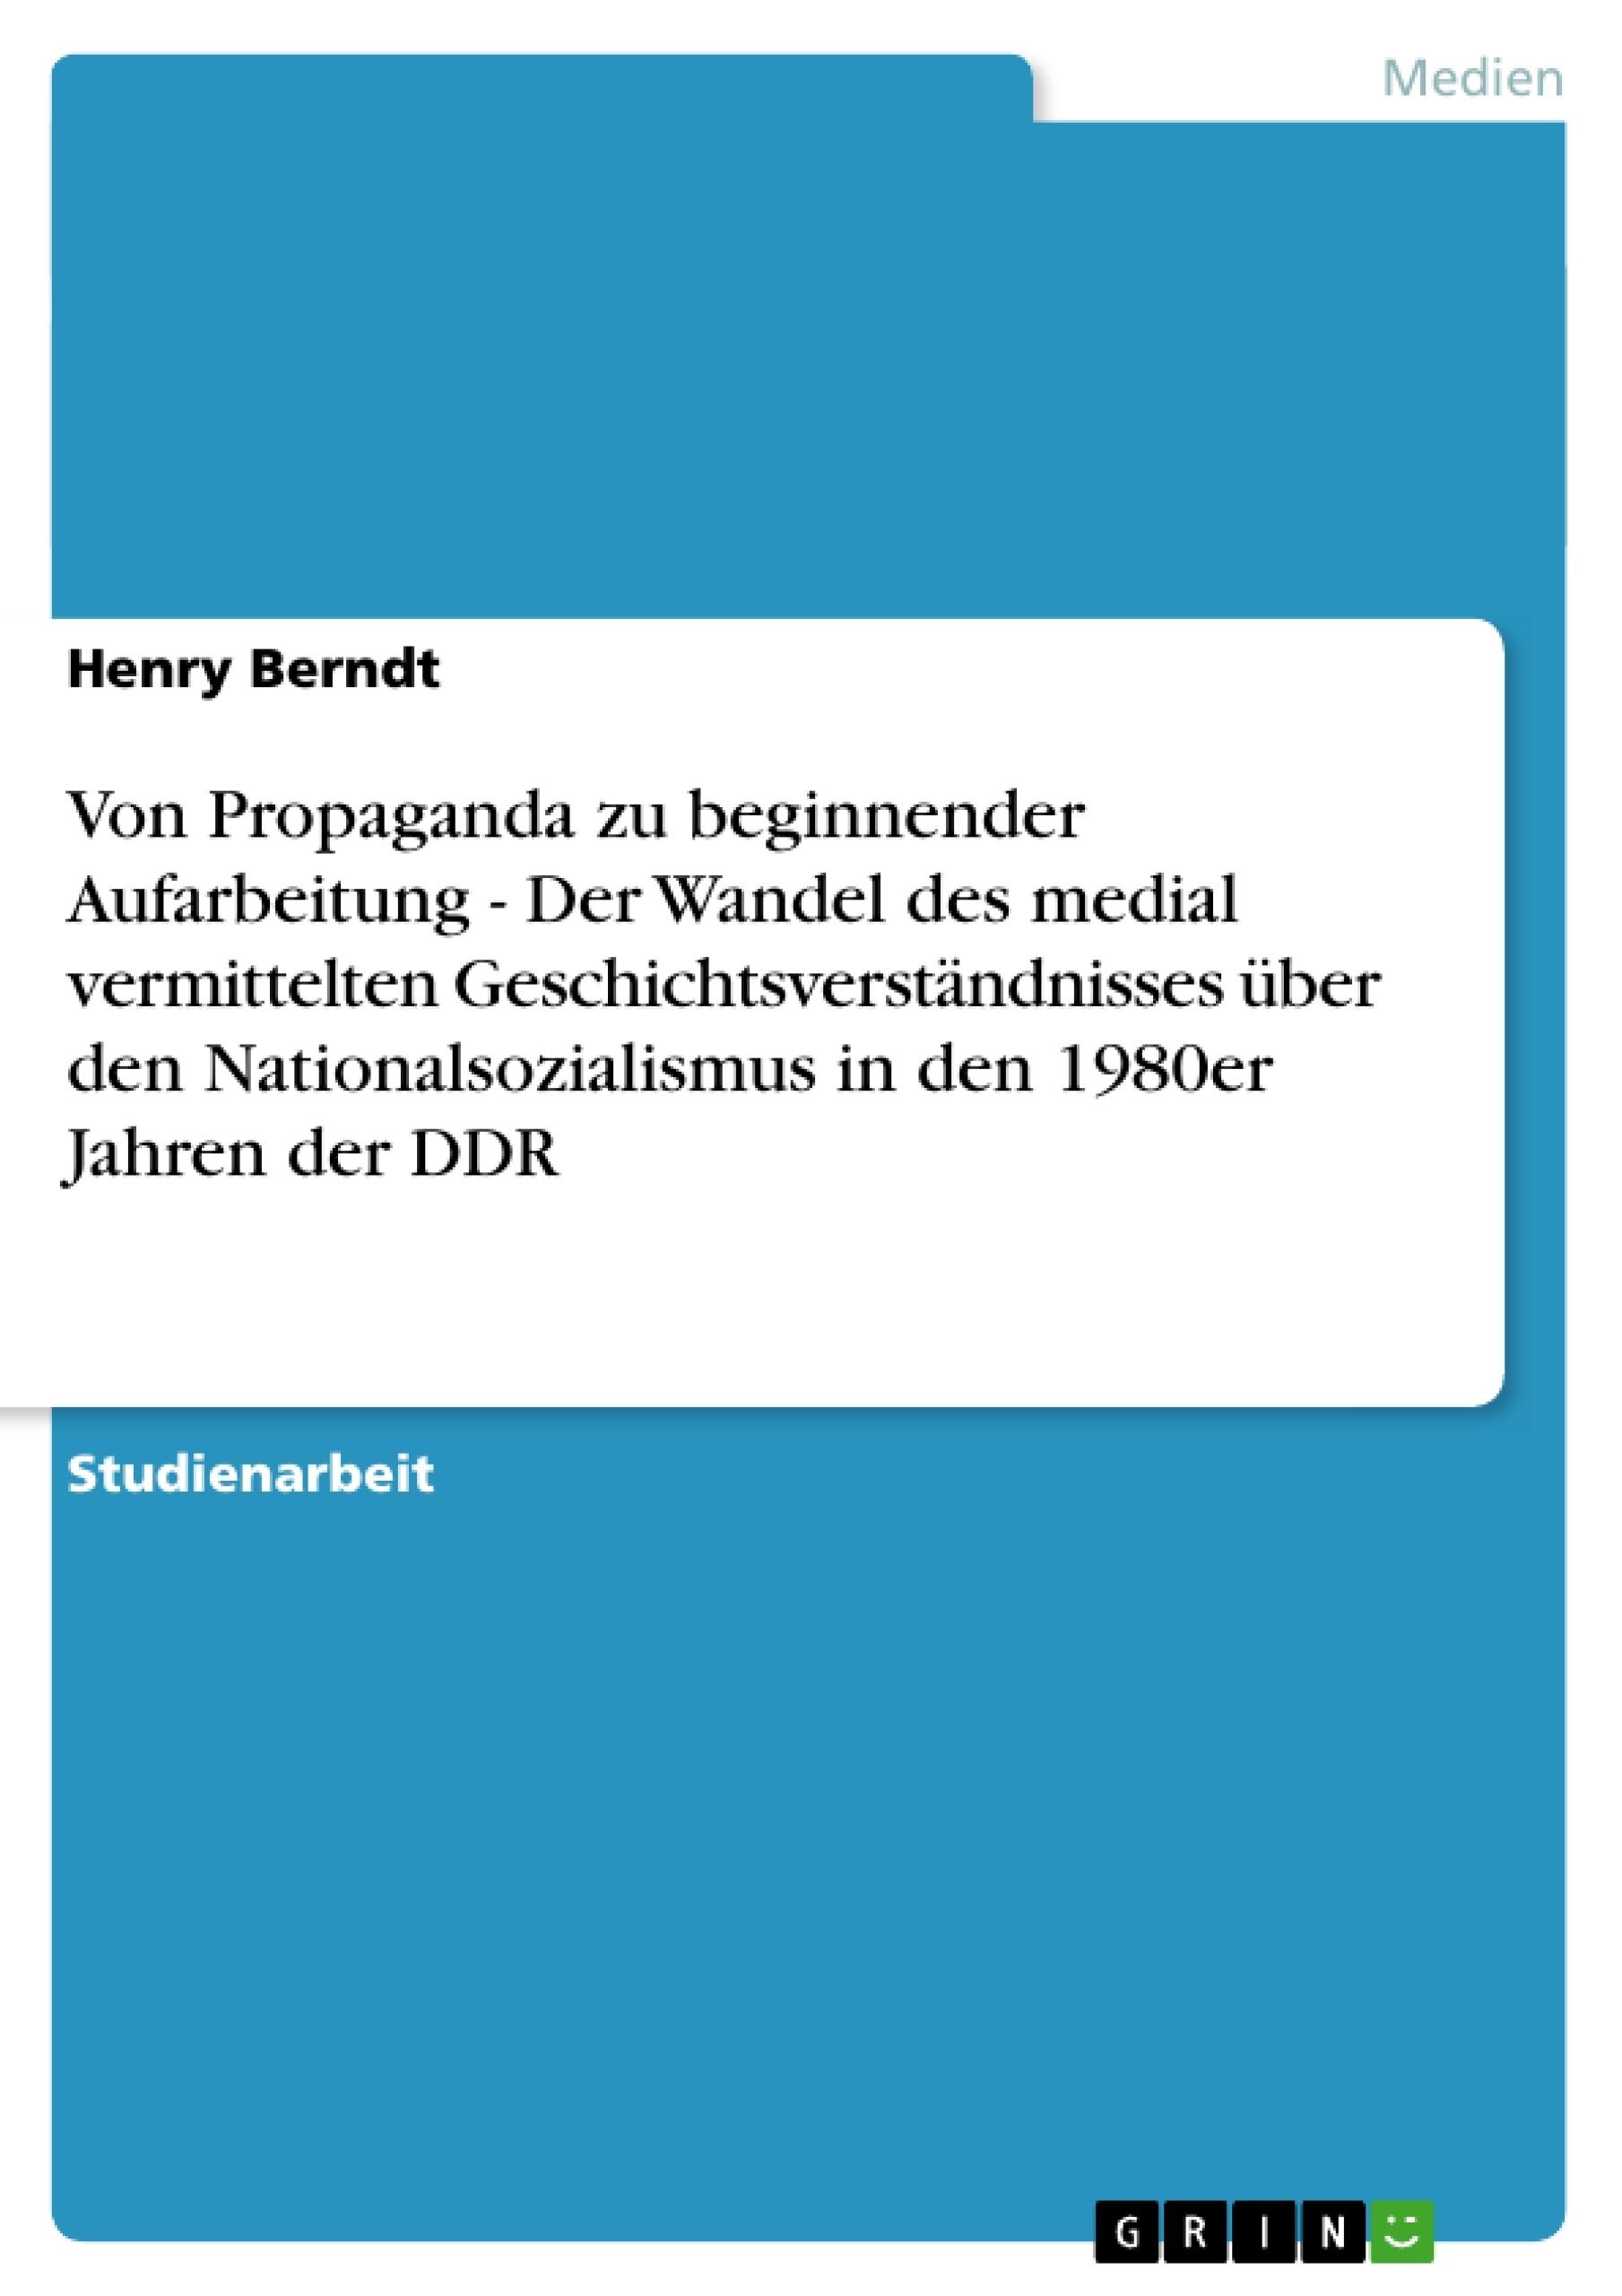 Titel: Von Propaganda zu beginnender Aufarbeitung - Der Wandel des medial vermittelten Geschichtsverständnisses über den Nationalsozialismus in den 1980er Jahren der DDR